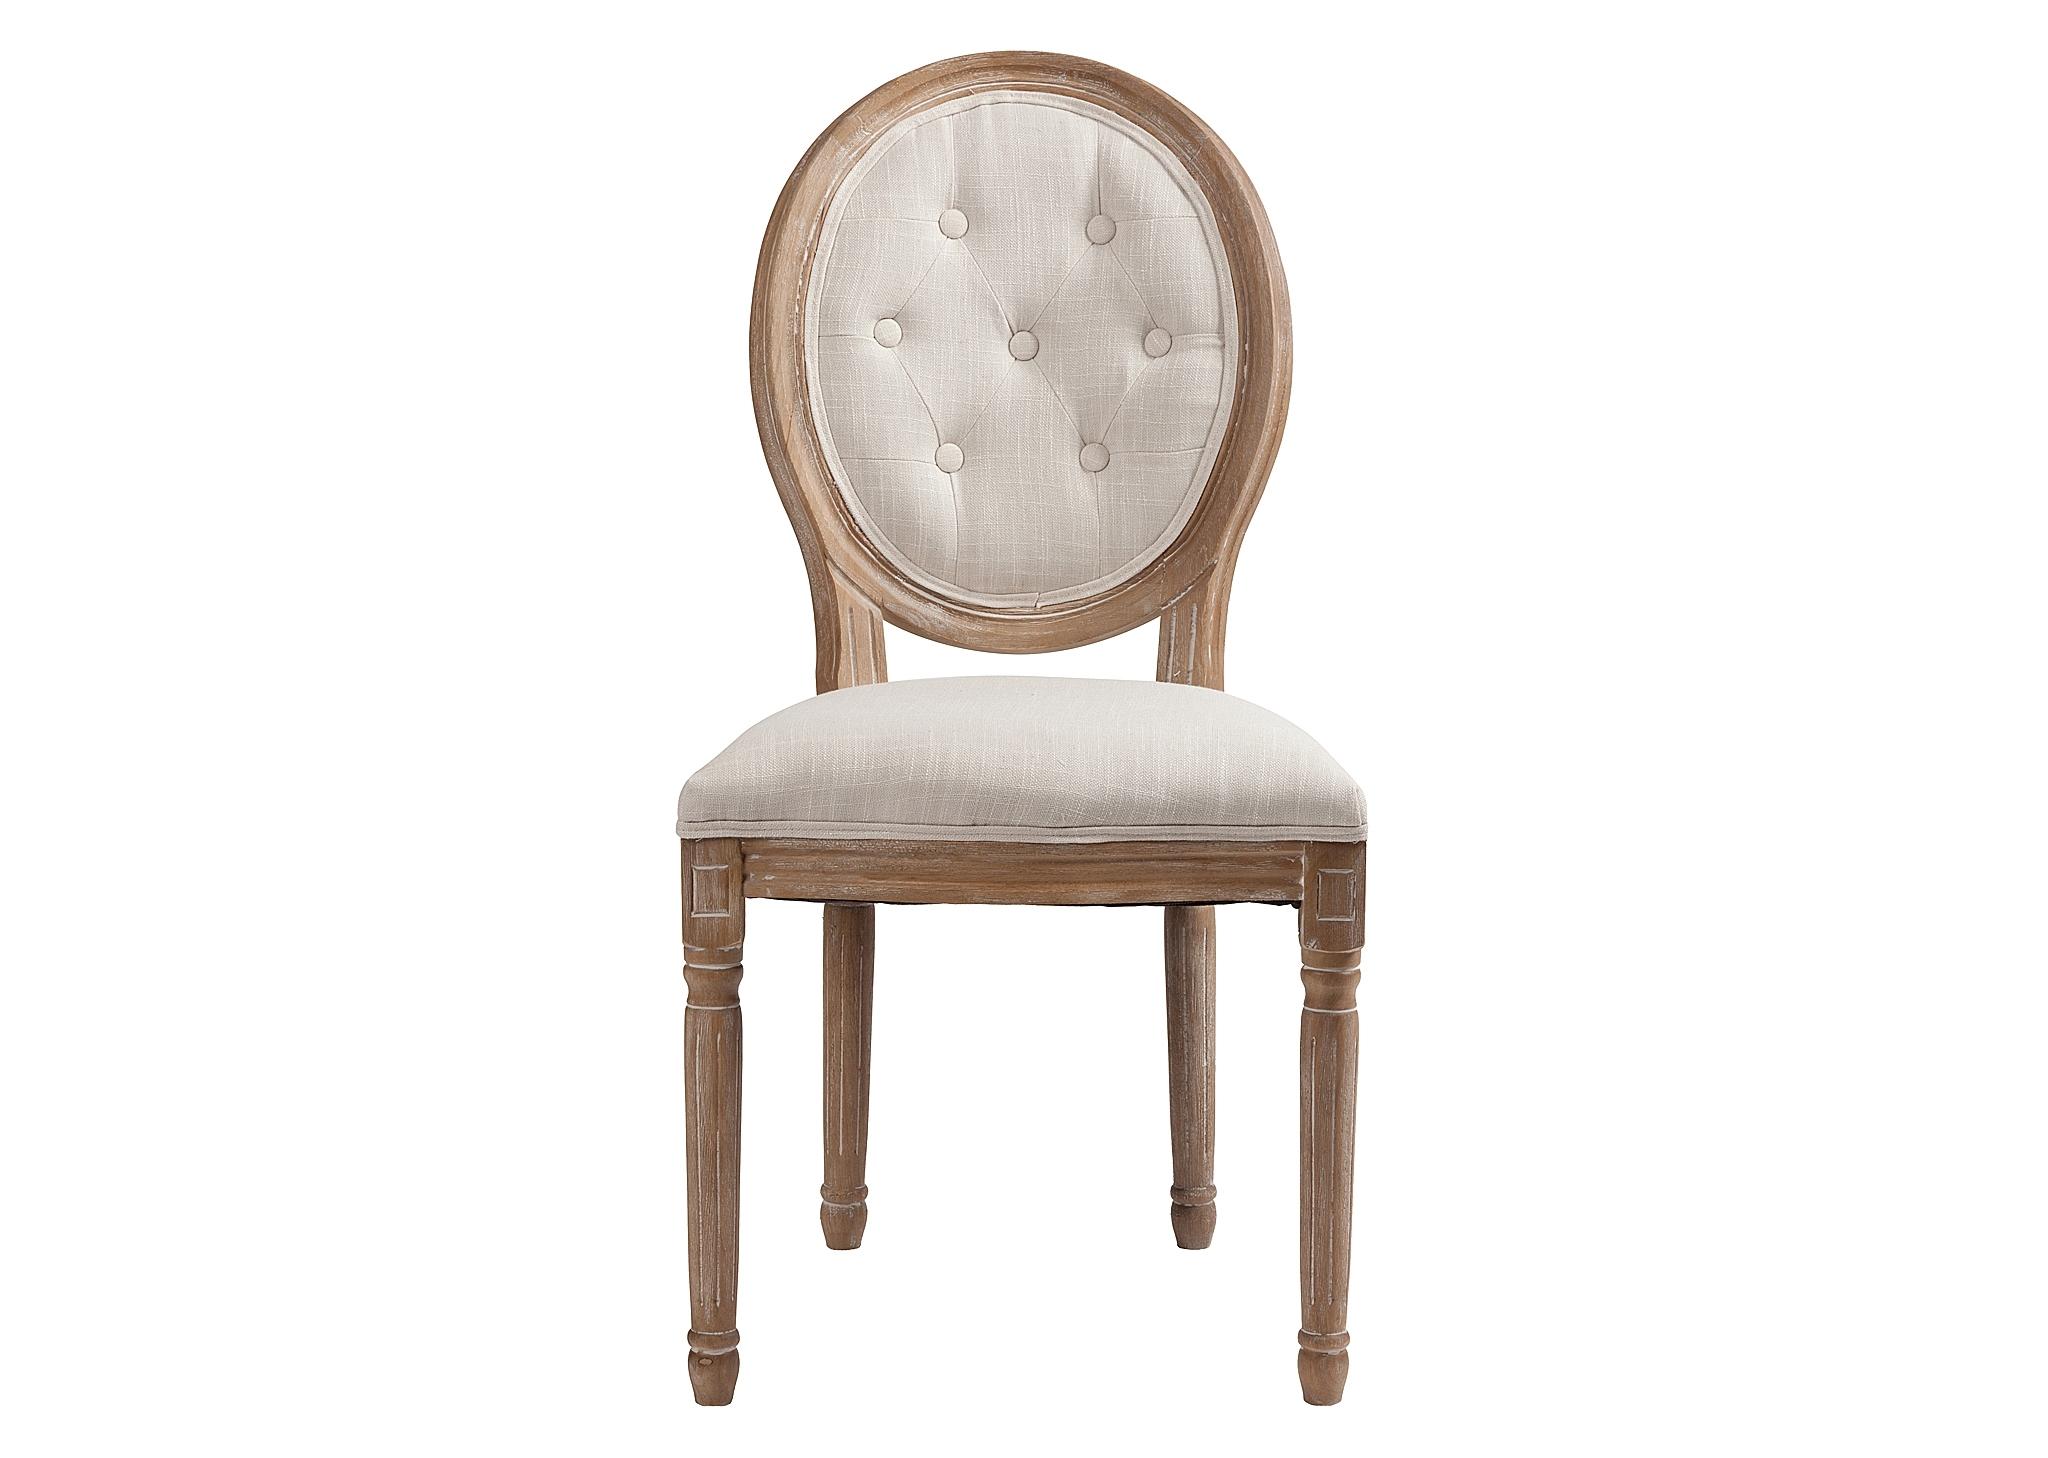 Стул MauriceОбеденные стулья<br>&amp;lt;div&amp;gt;Винтажный стул без подлокотников Maurice идеально подходит для интерьеров в роскошном французском стиле, а также для стилей прованс и шебби-шик. Изящные резные ножки и детали каркаса выточены из древесного массива и искусственно состарены, выбелены, а обивка сиденья и спинки-медальона сшиты из льняной материи снежно-белого оттенка с характерной крупной текстурой.&amp;lt;/div&amp;gt;<br><br>Material: Лен<br>Width см: 50<br>Depth см: 56<br>Height см: 96